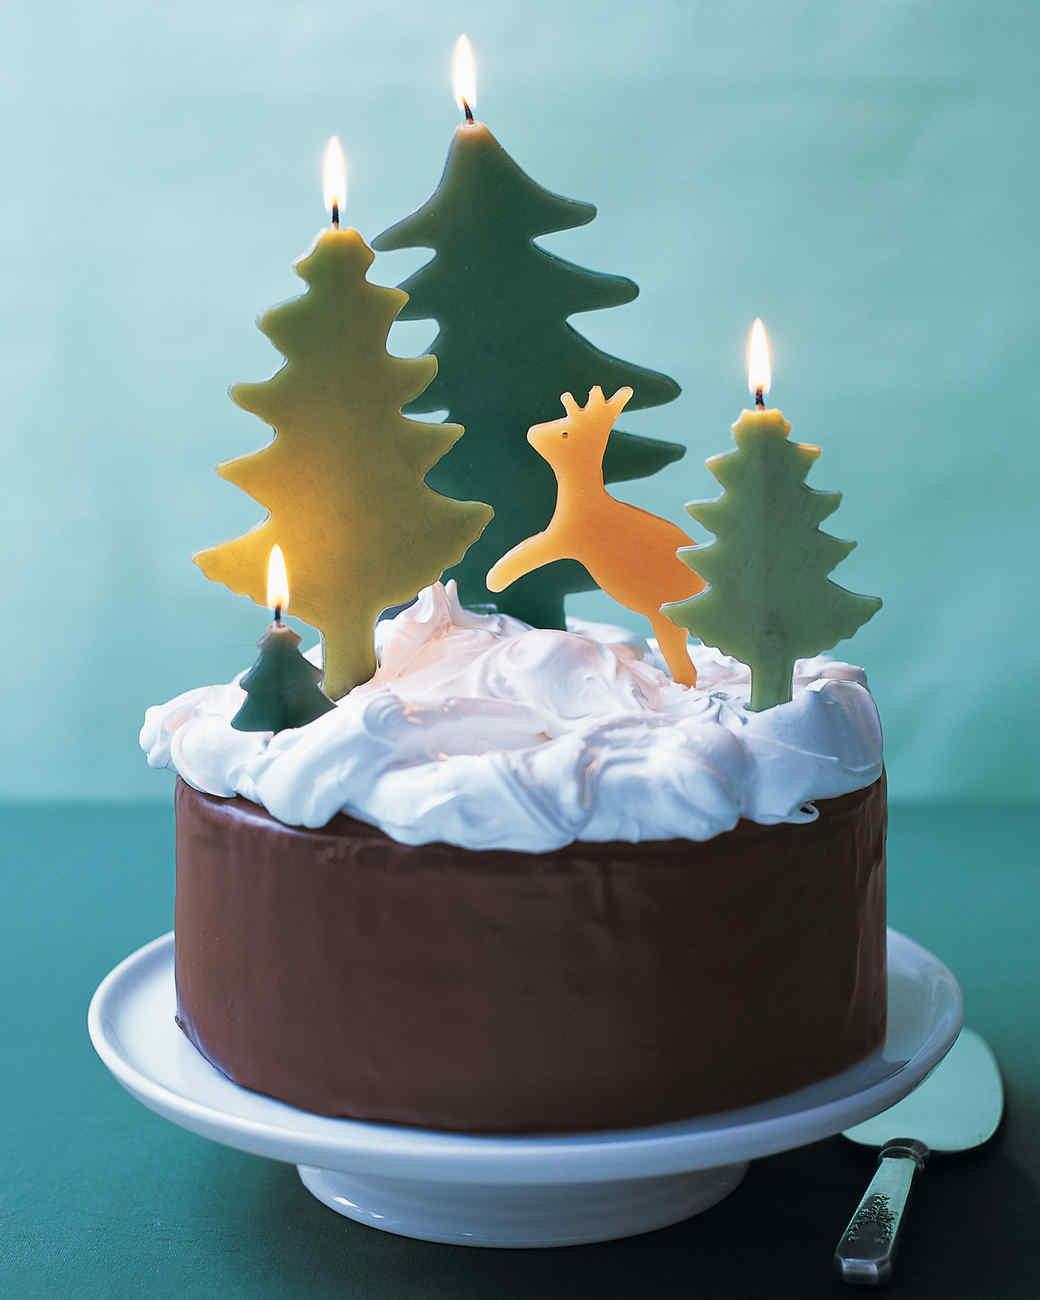 Recipes For Christmas Cakes  Christmas Cake Recipes